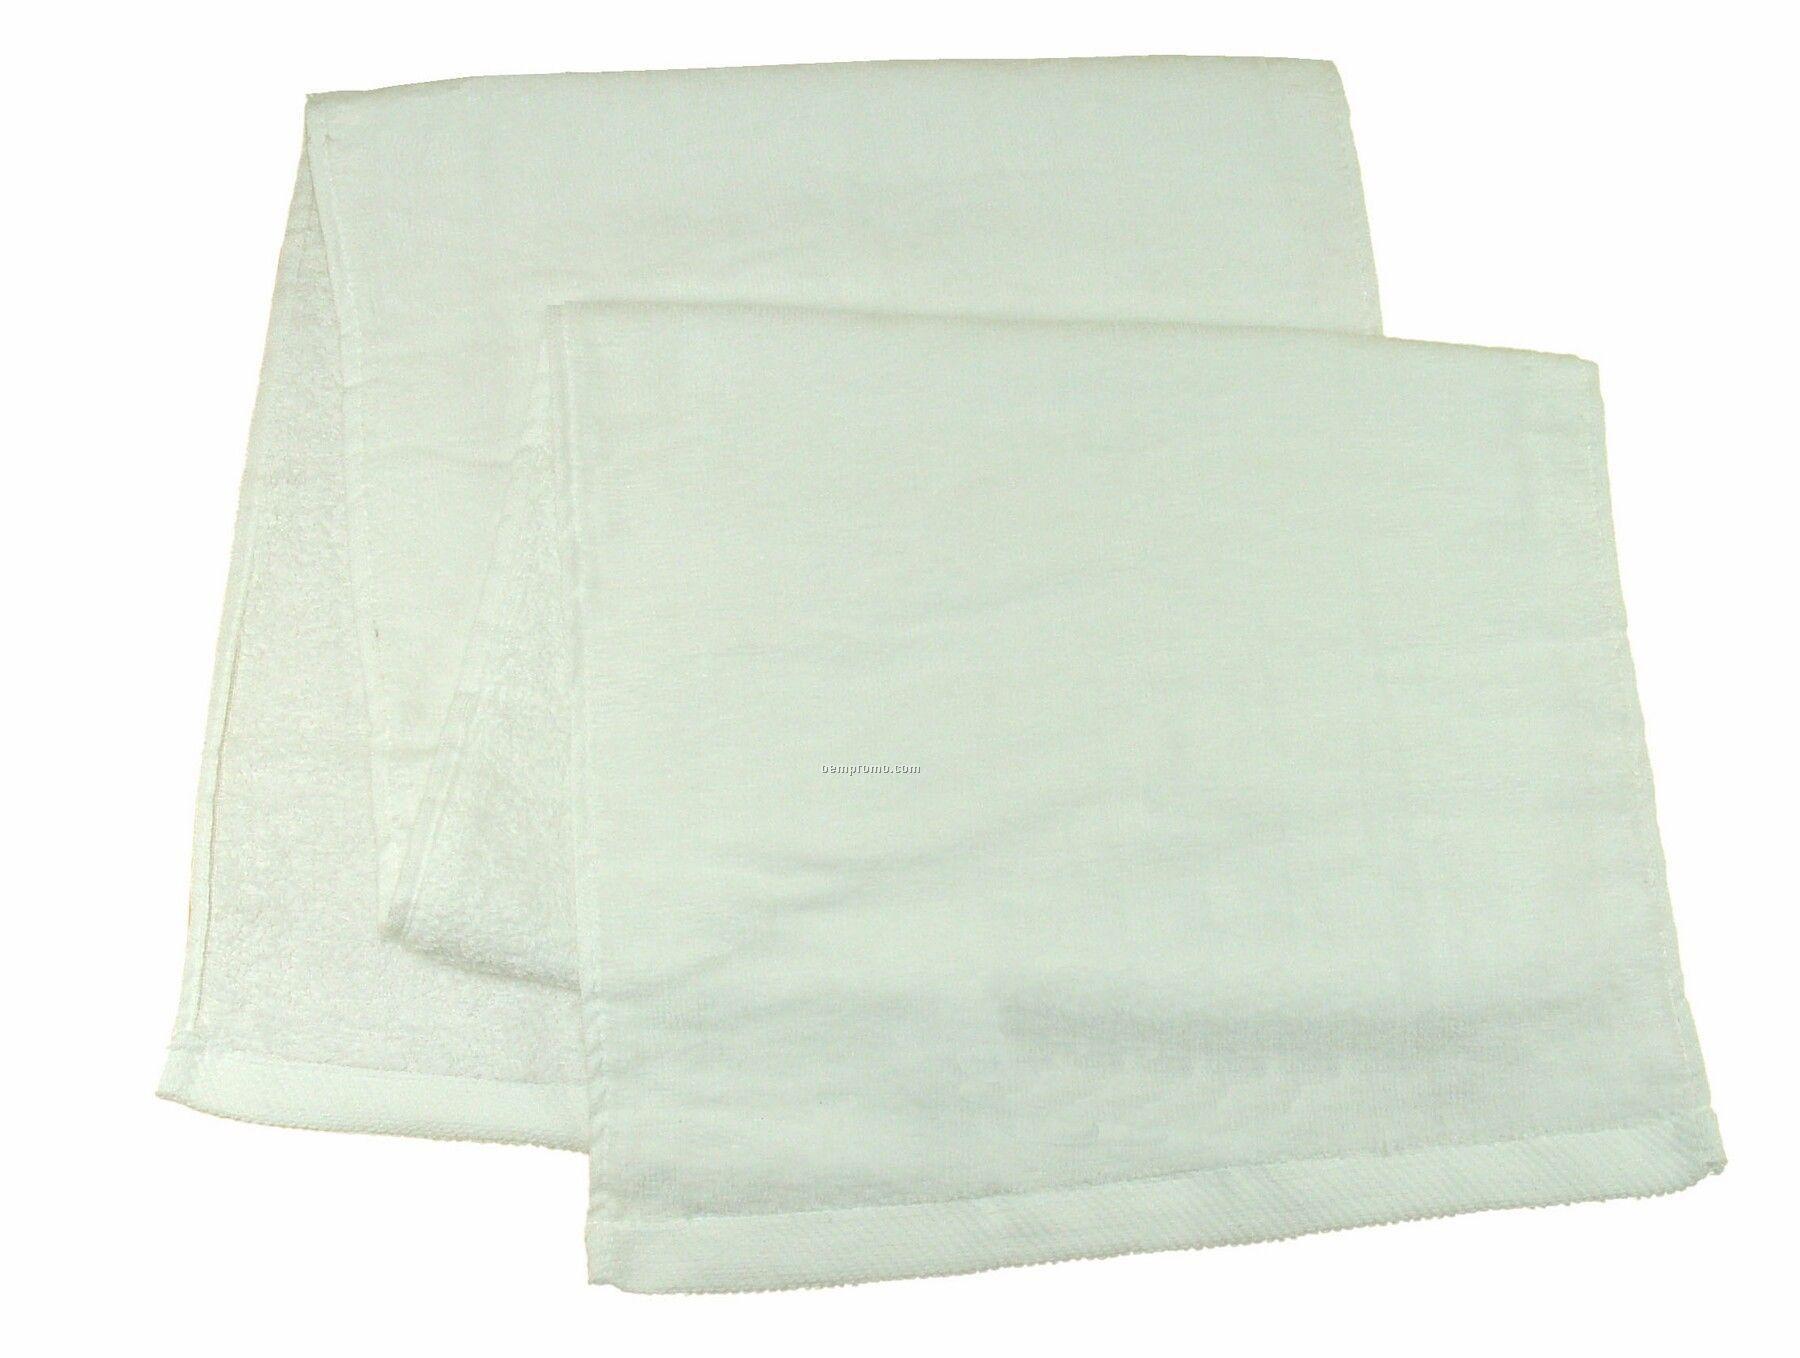 Blank White Beach Towel Blank White Beach Towel Nongzico